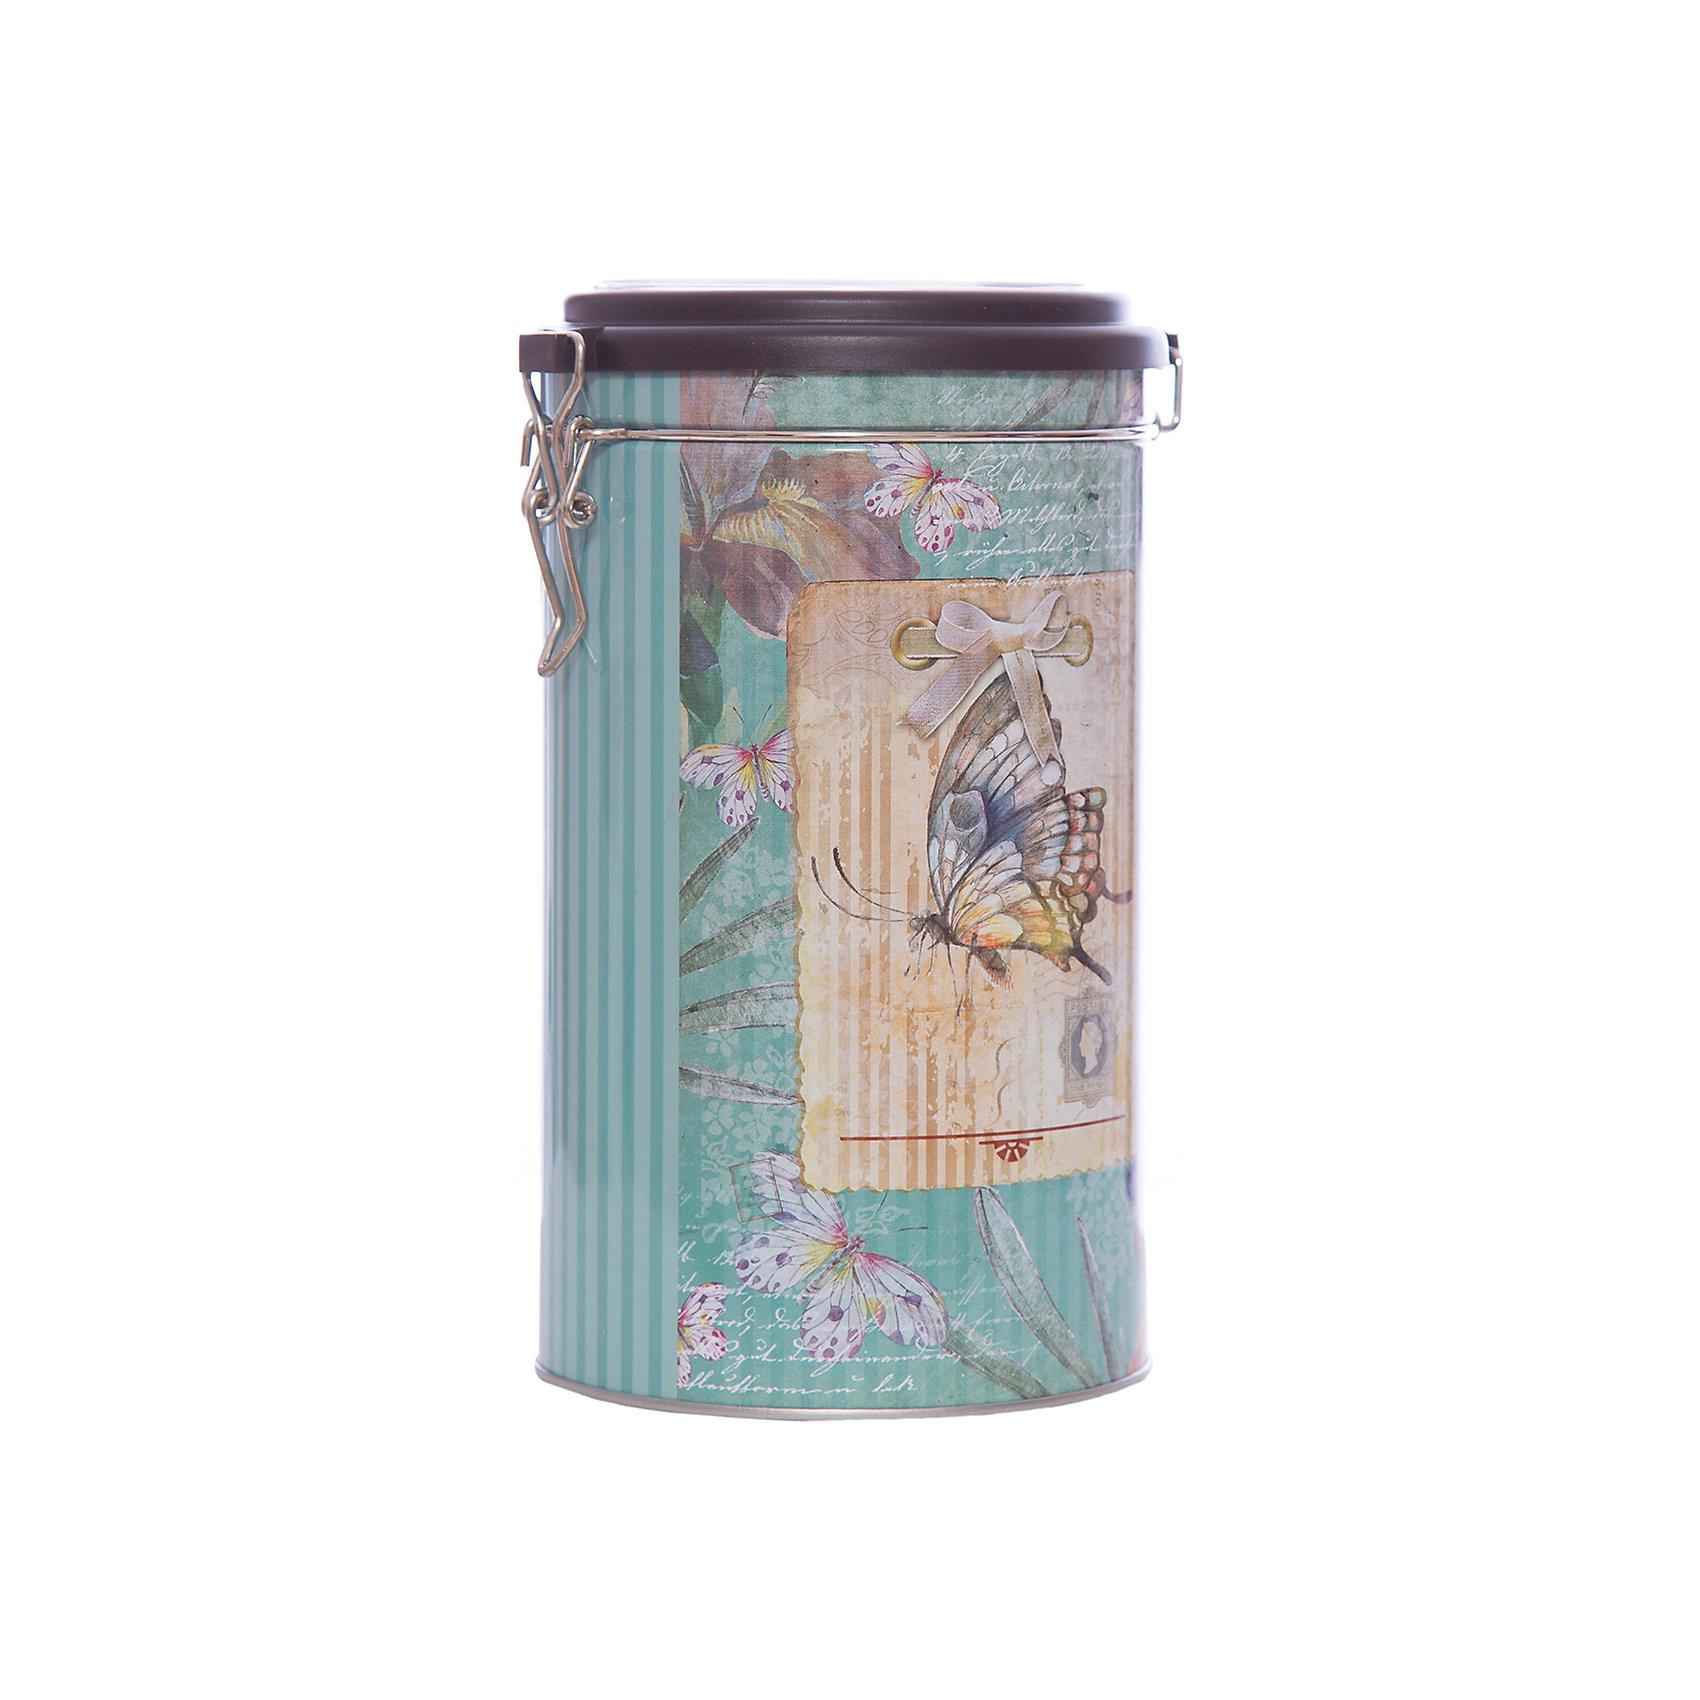 Емкость для сыпучих продуктов Бабочка 1800мл, Magic HomeПосуда<br>Жестяная банка с крышкой из прозрачного пластика предназначена для хранения сыпучих продуктов. Банка украшена рисунком «Бабочка». Вместительная емкость для круп, сахара или чая плотно закрывается крышкой на металлический замок, продукты сохраняют свежесть и аромат, не впитывают посторонние запахи. <br><br>Дополнительная информация:<br><br>Не предназначена для мытья в посудомоечной машине. <br><br>Объем: 1800 мл<br><br>Высота банки Magic Home (без учета крышки): 17,4 см<br>Диаметр банки Magic Home (по верхнему краю): 10,5 см<br><br>Материал: окрашенный черный металл<br><br>Емкость для сыпучих продуктов Бабочка 1800мл, Magic Home можно купить в нашем интернет-магазине.<br><br>Ширина мм: 110<br>Глубина мм: 110<br>Высота мм: 190<br>Вес г: 167<br>Возраст от месяцев: 216<br>Возраст до месяцев: 1200<br>Пол: Унисекс<br>Возраст: Детский<br>SKU: 5030470